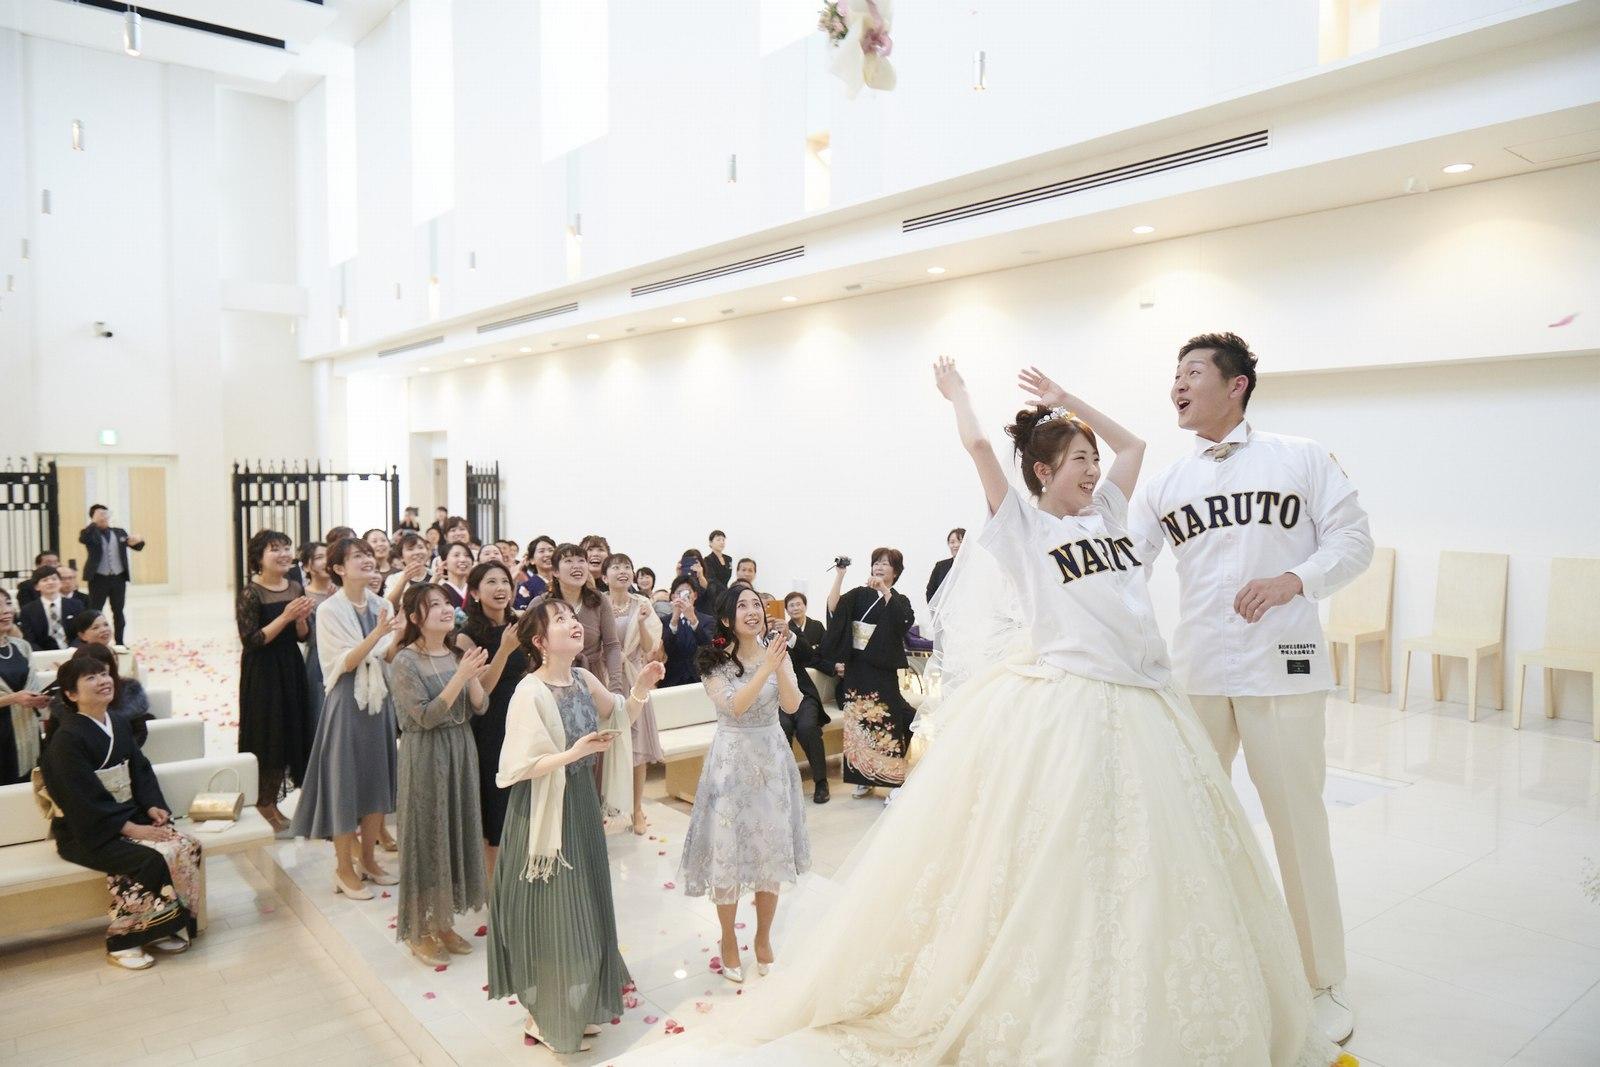 徳島市の結婚式場ブランアンジュでブーケトスをする新婦様